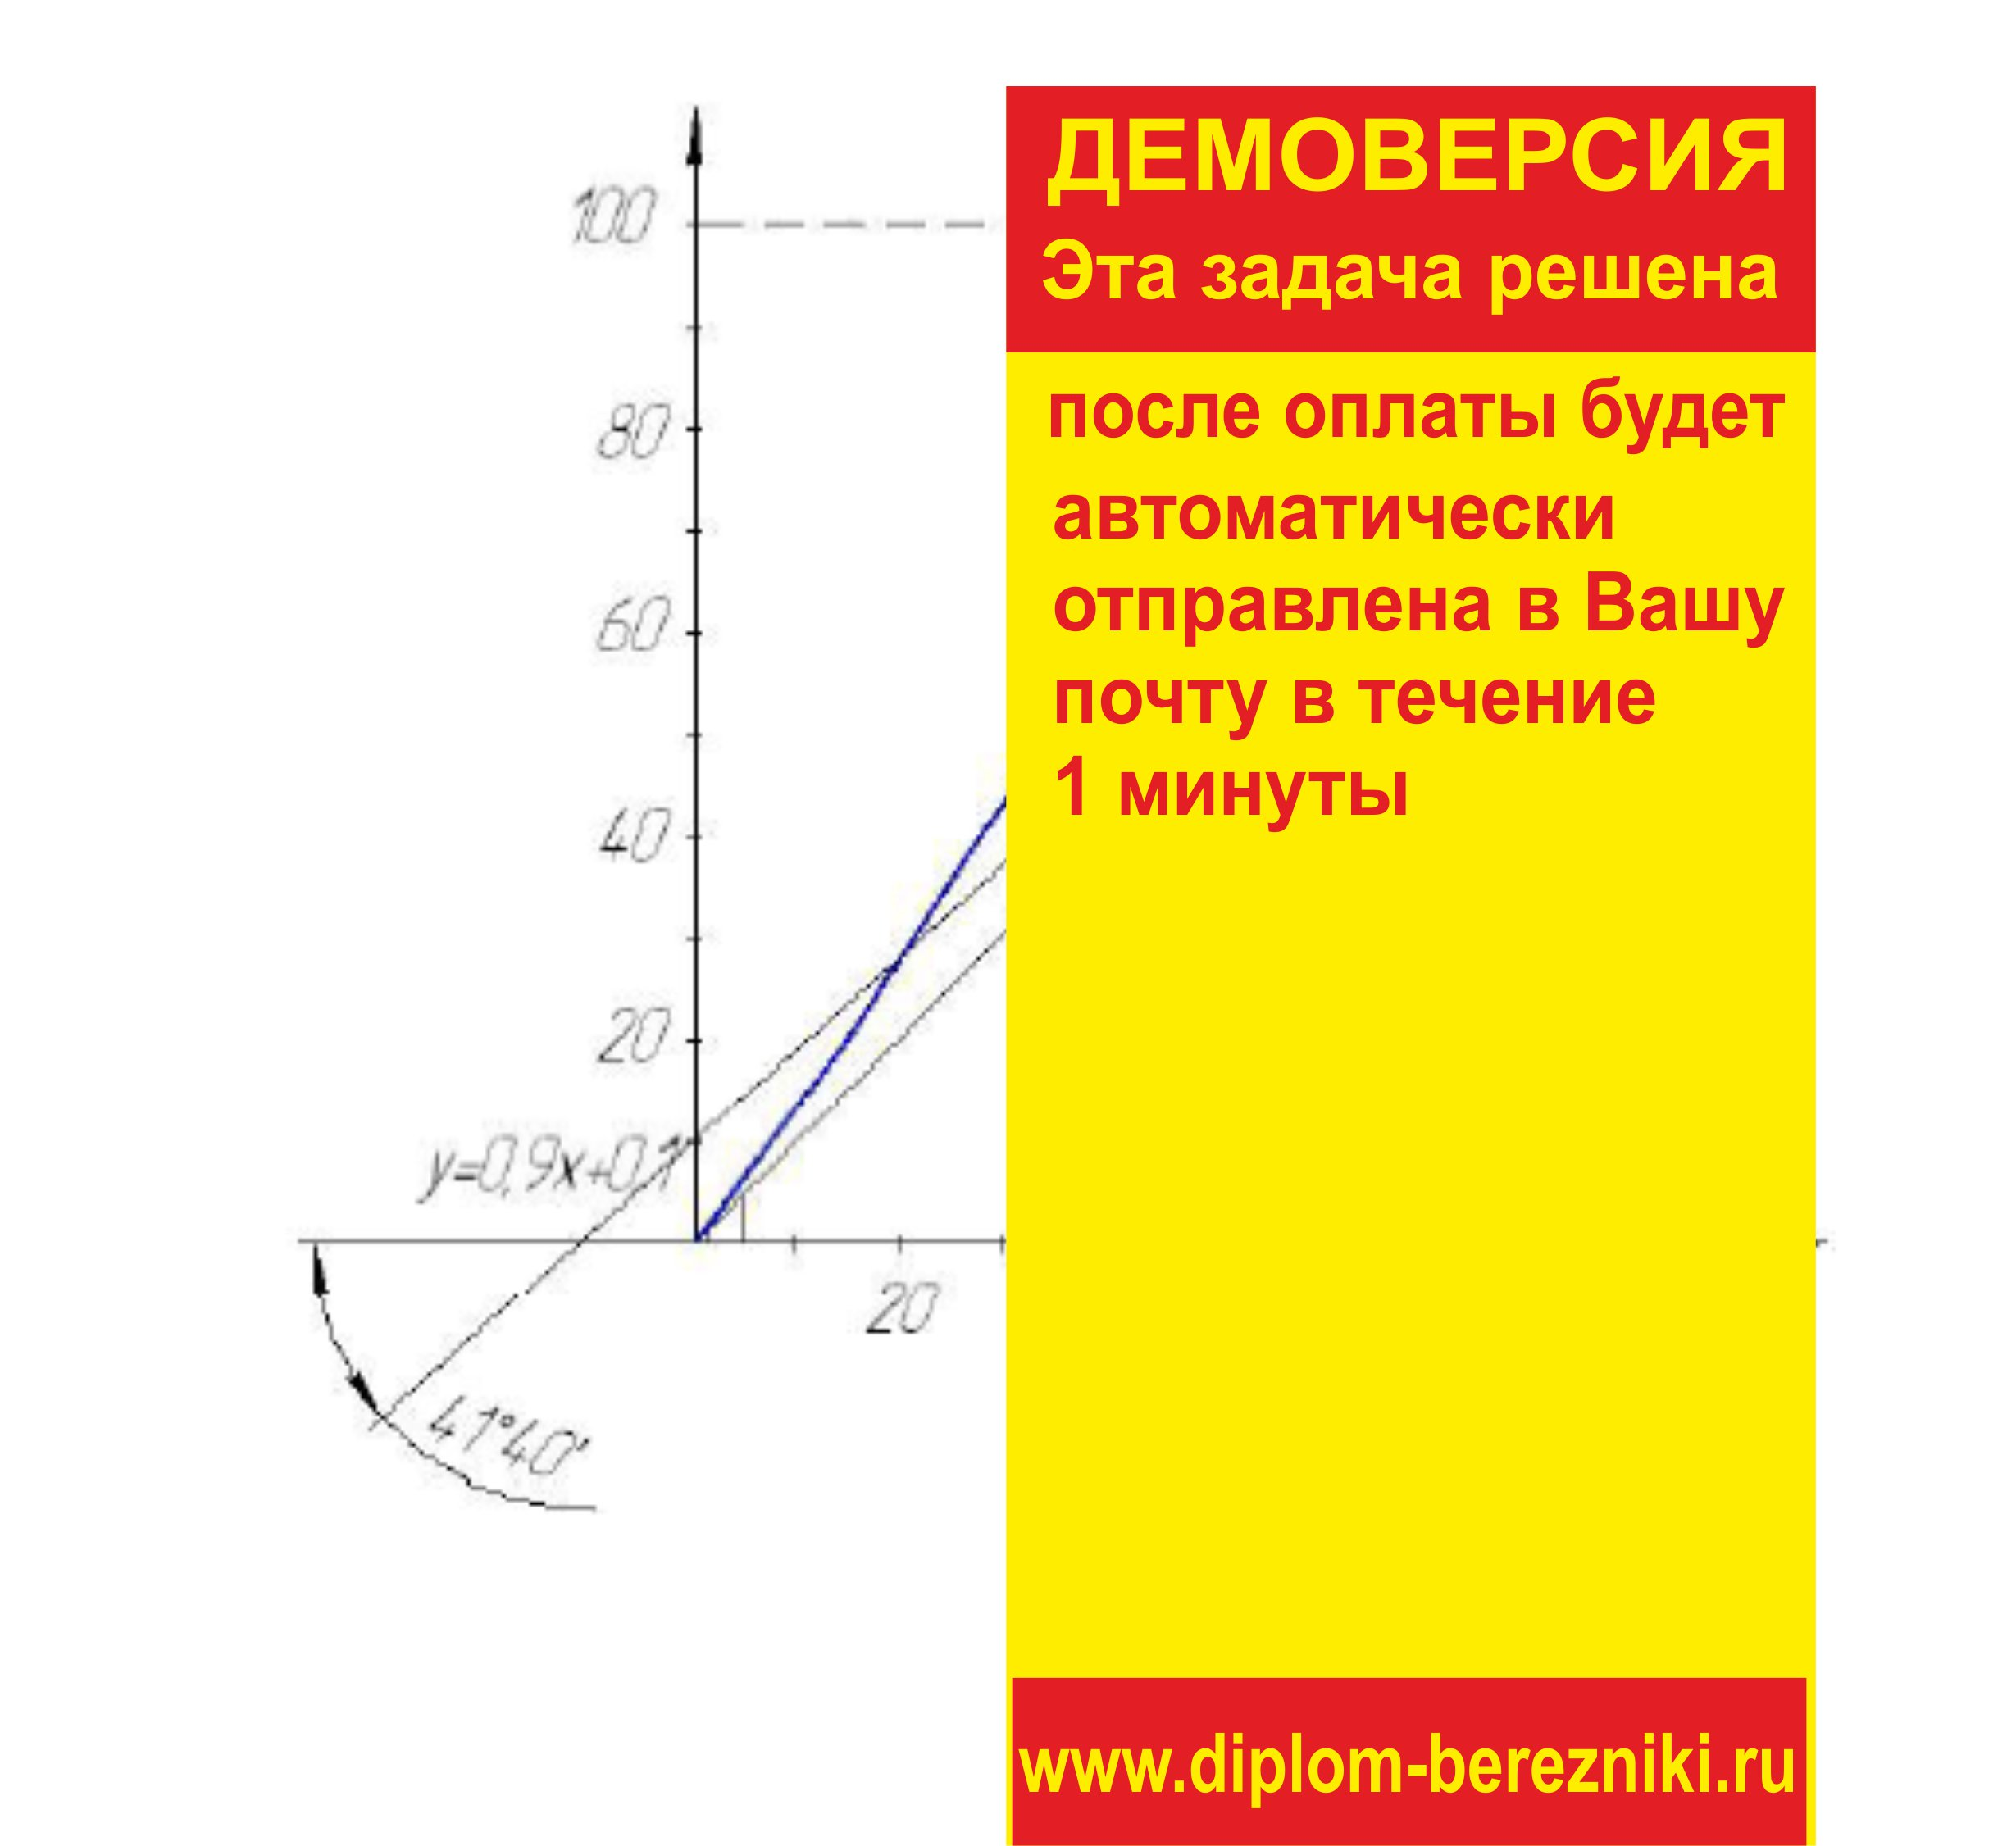 Решение задачи 7.12 по ПАХТ из задачника Павлова Романкова Носкова